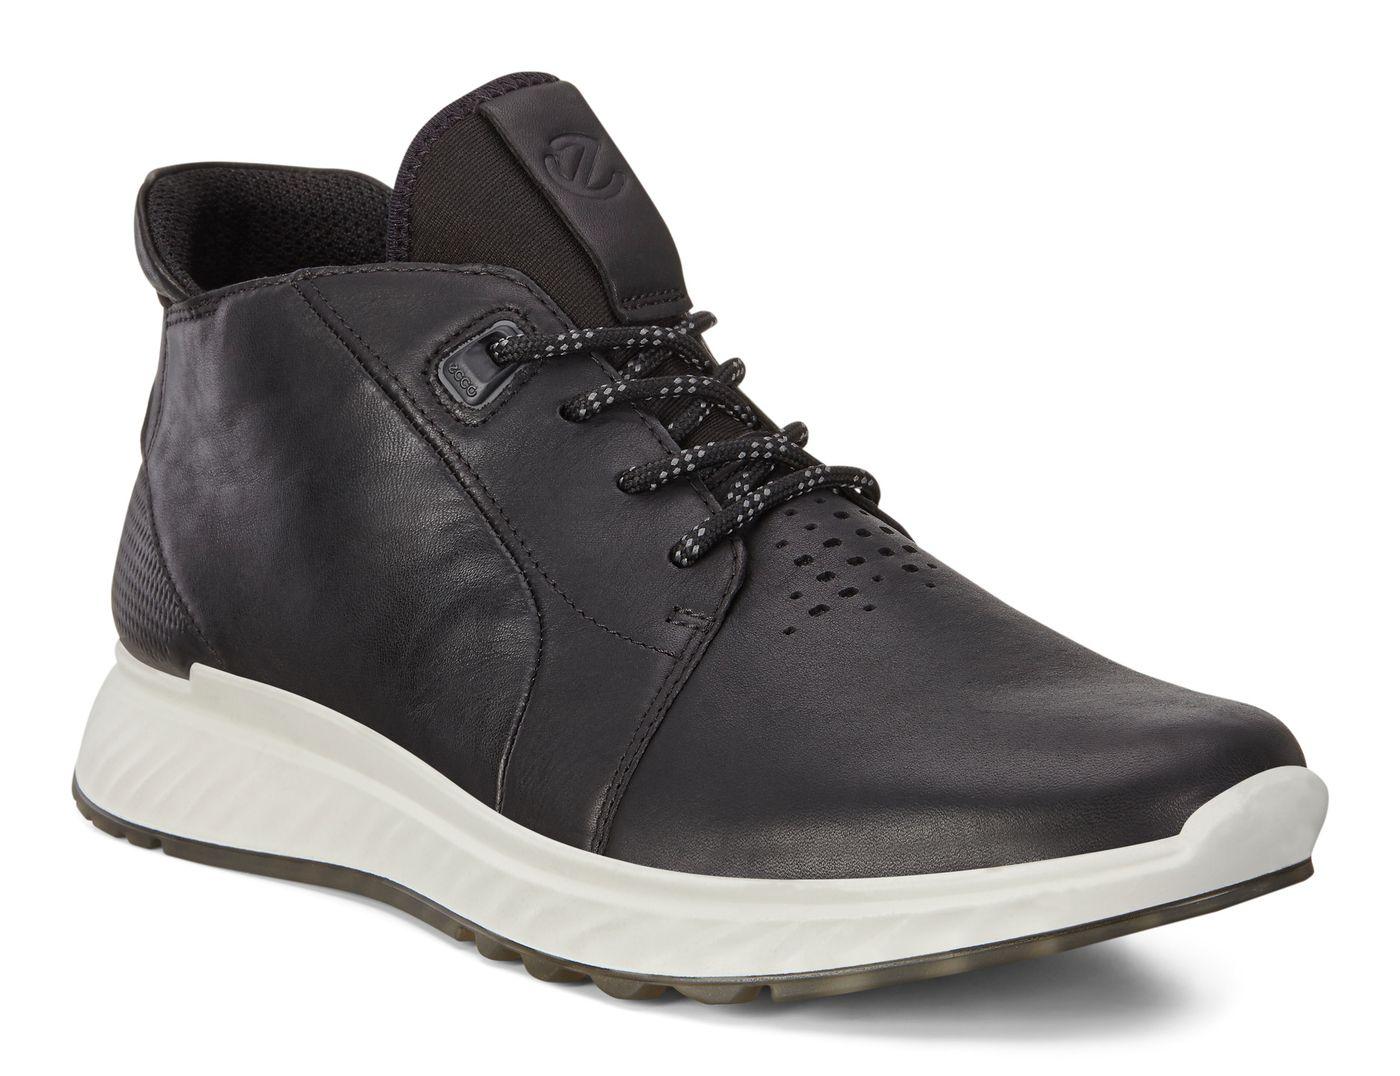 ECCO Mens ST1 High | Men's Shoes | ECCO